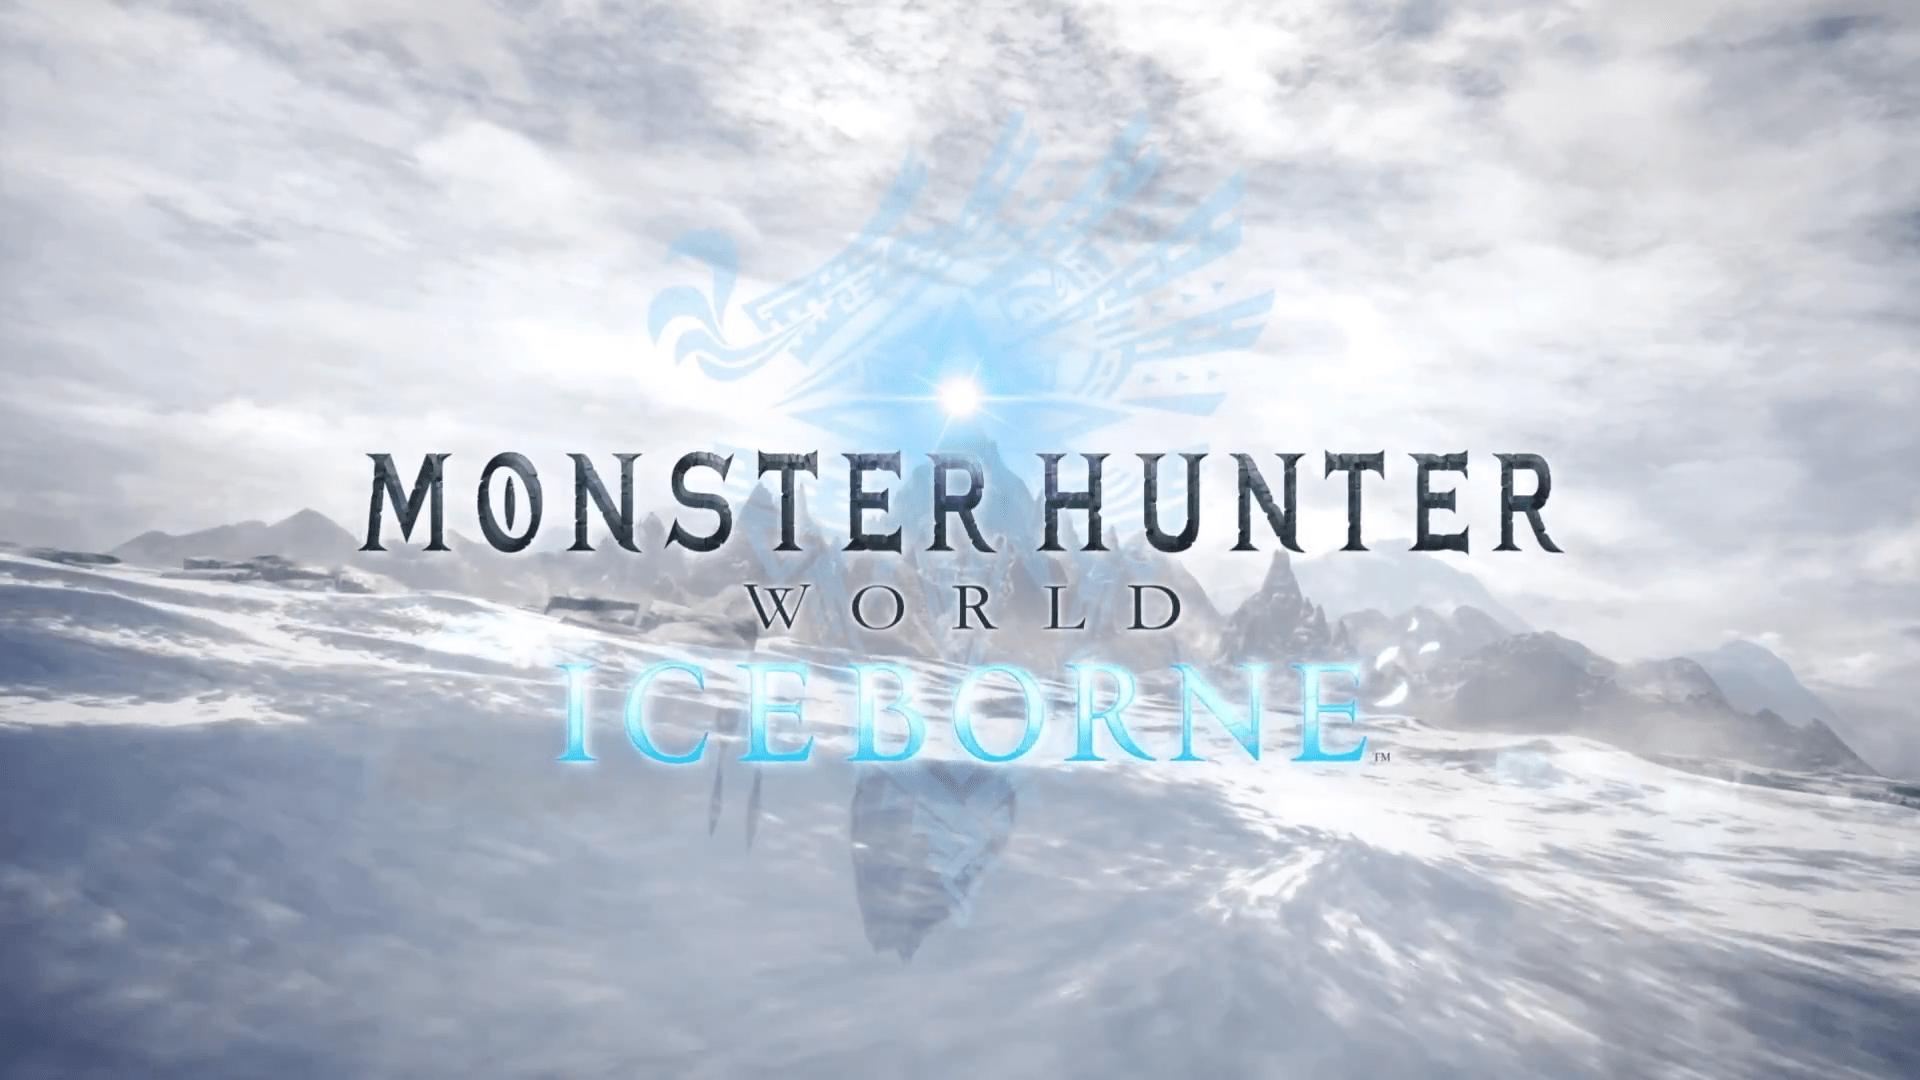 Monster Hunter World The Witcher 3 Iceborne